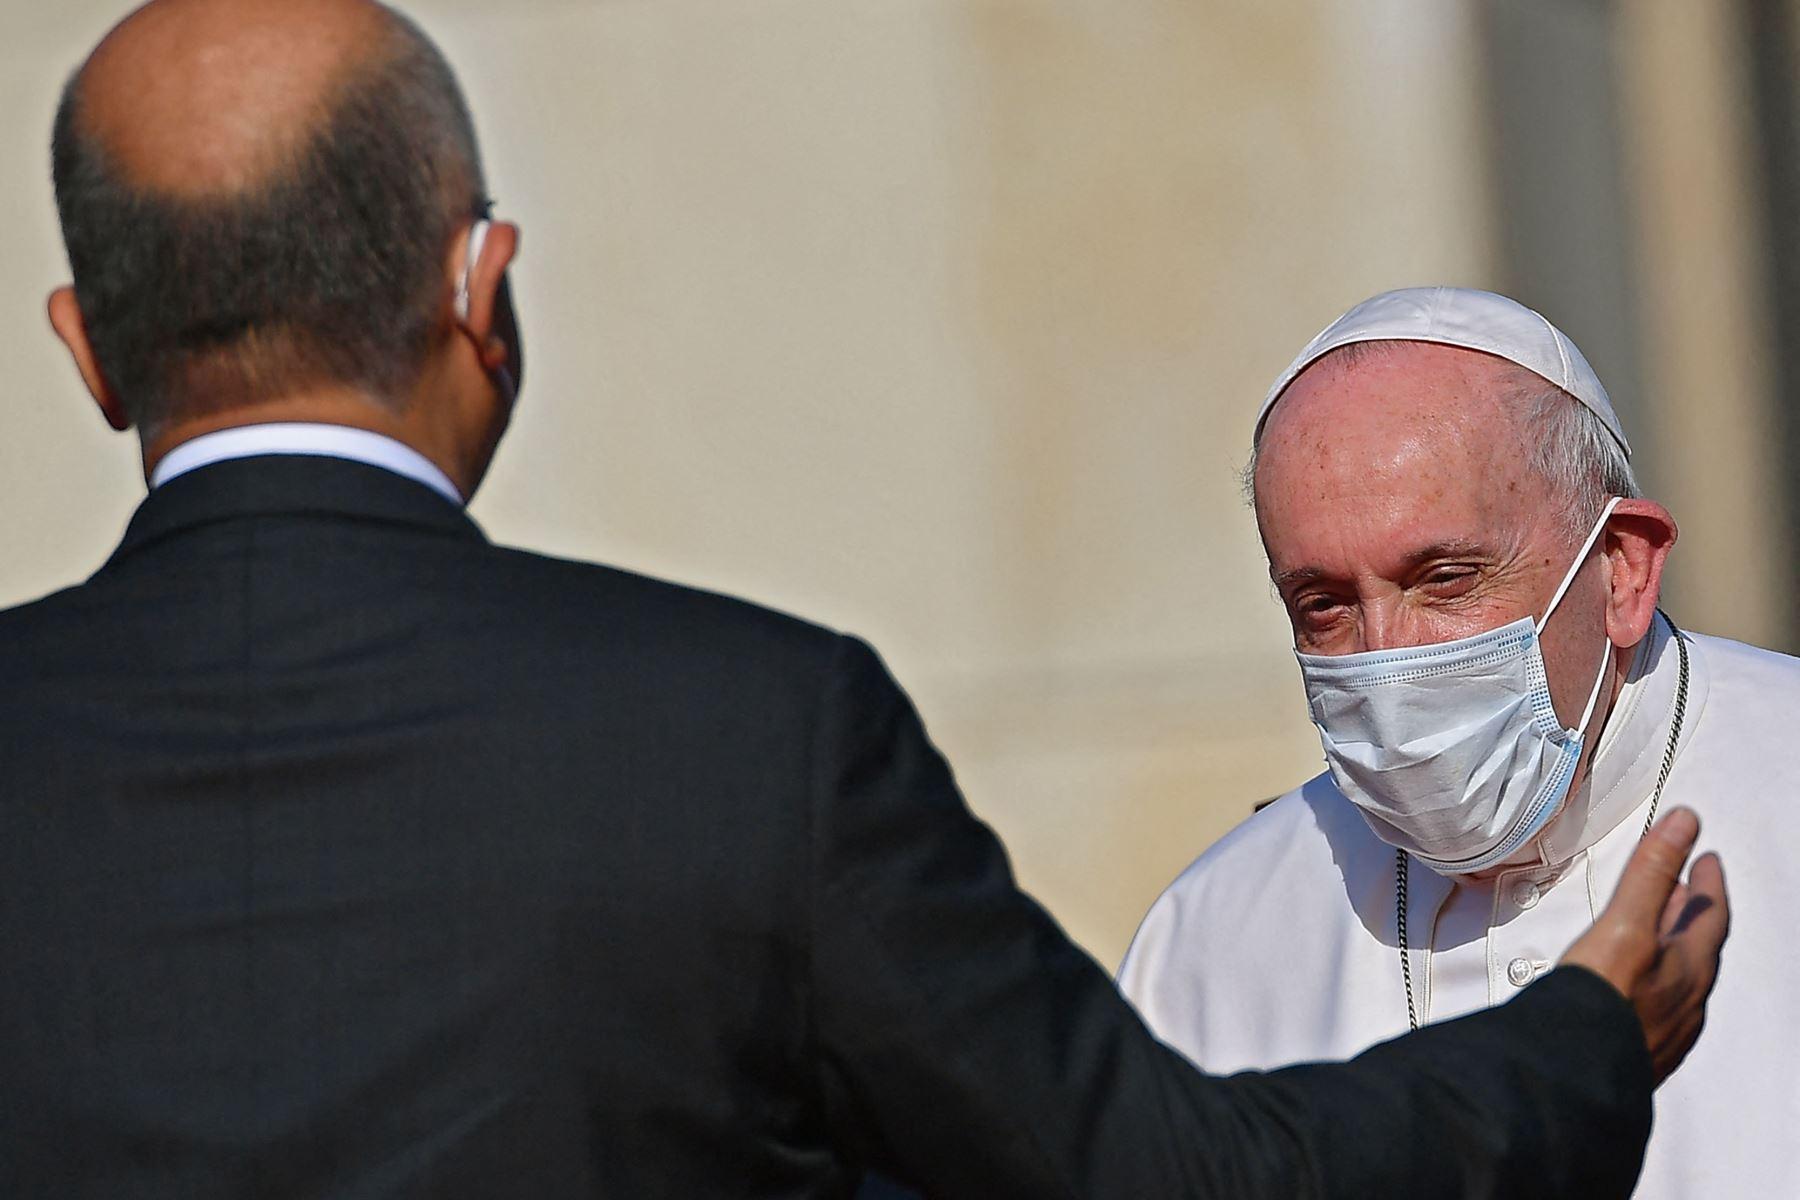 El Papa Francisco es recibido por el presidente iraquí Barham Saleh, durante la primera visita papal a Irak. Foto: AFP